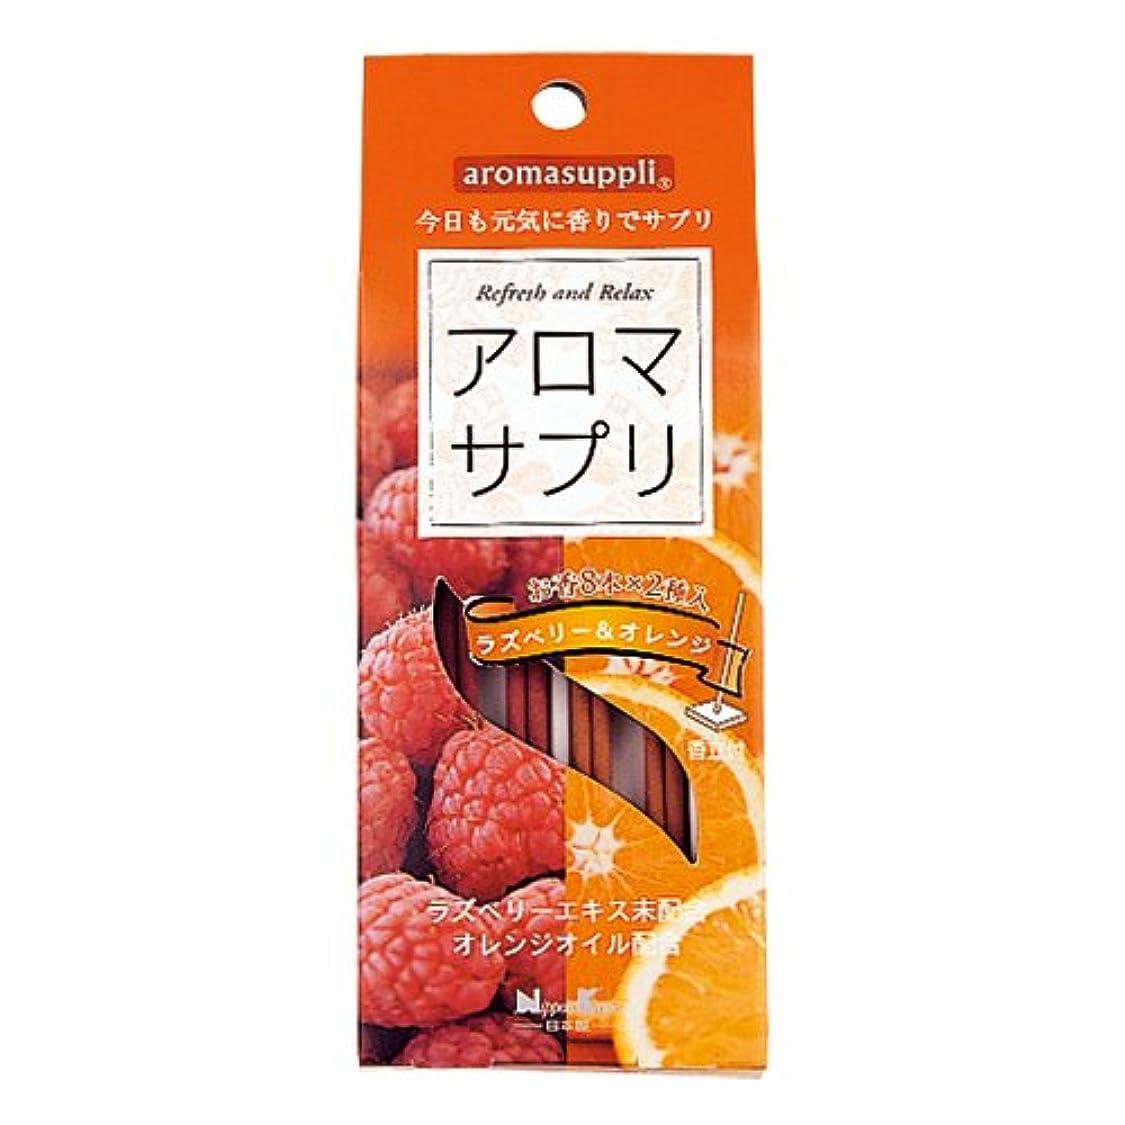 みぞれメアリアンジョーンズ噂【X10個セット】 アロマサプリ ラズベリー&オレンジ 8本入×2種